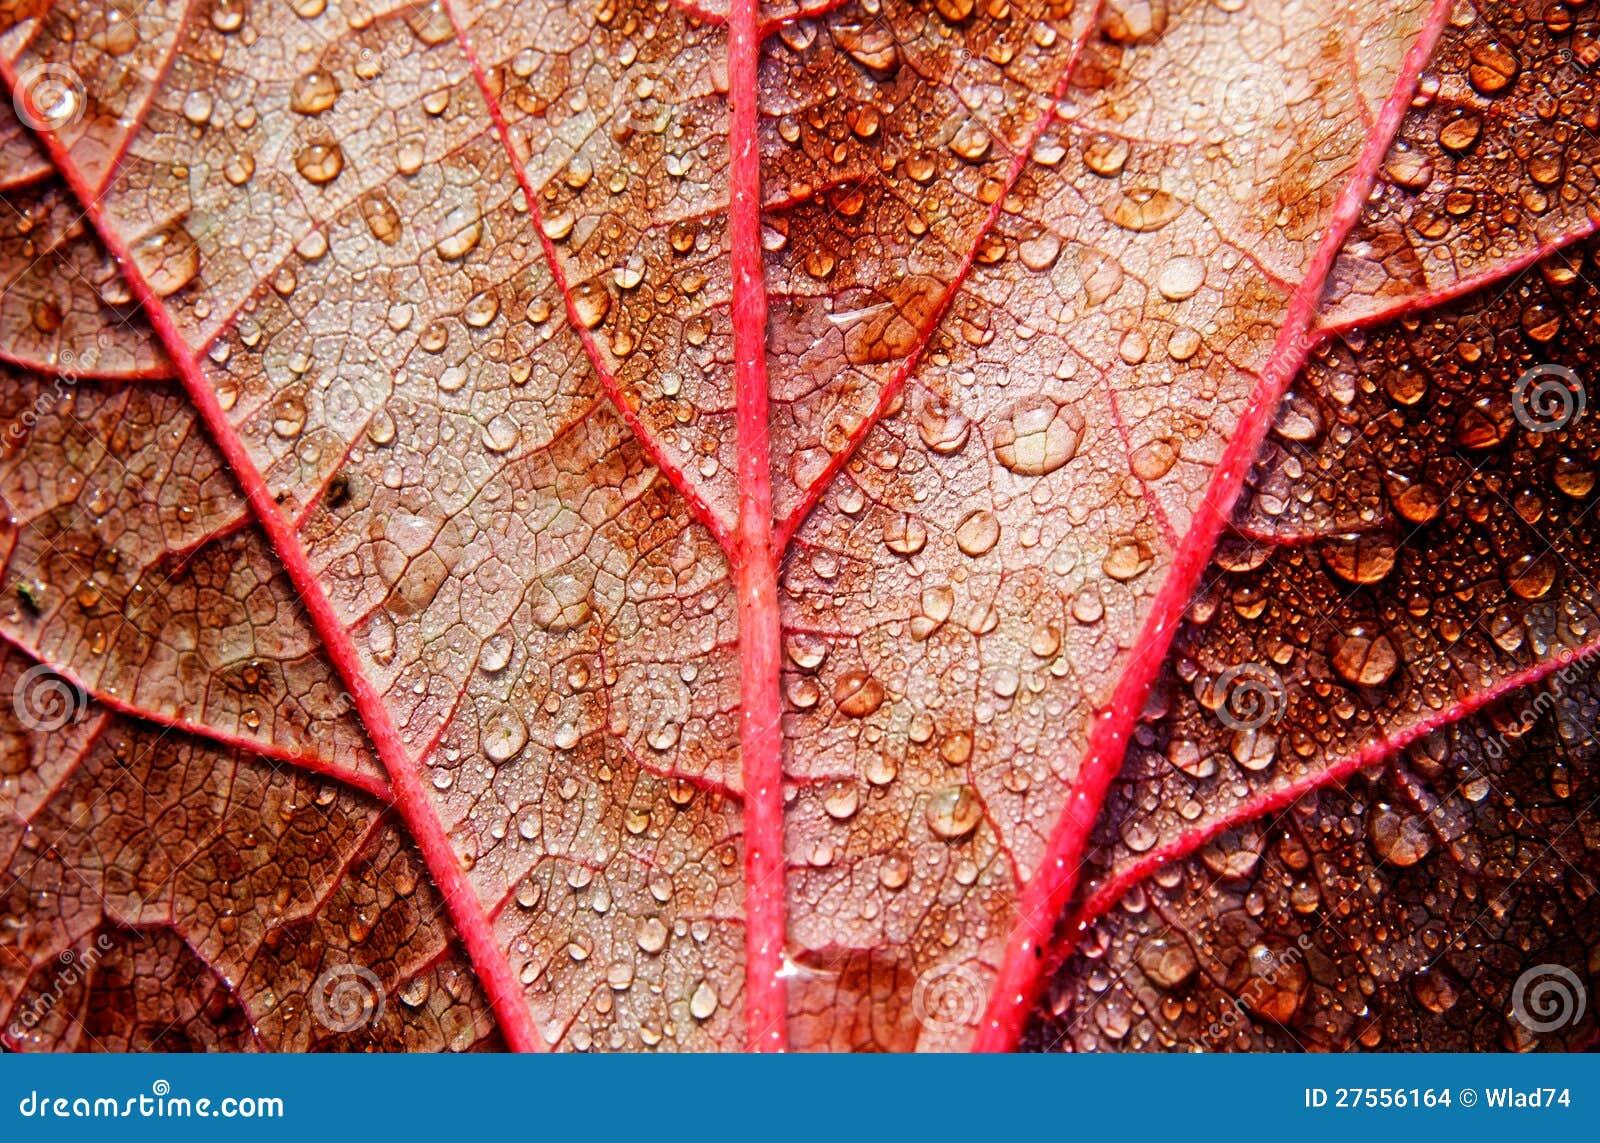 Gocce di pioggia sul foglio di colore rosso di autunno - Foglio colore coniglietto pasquale ...